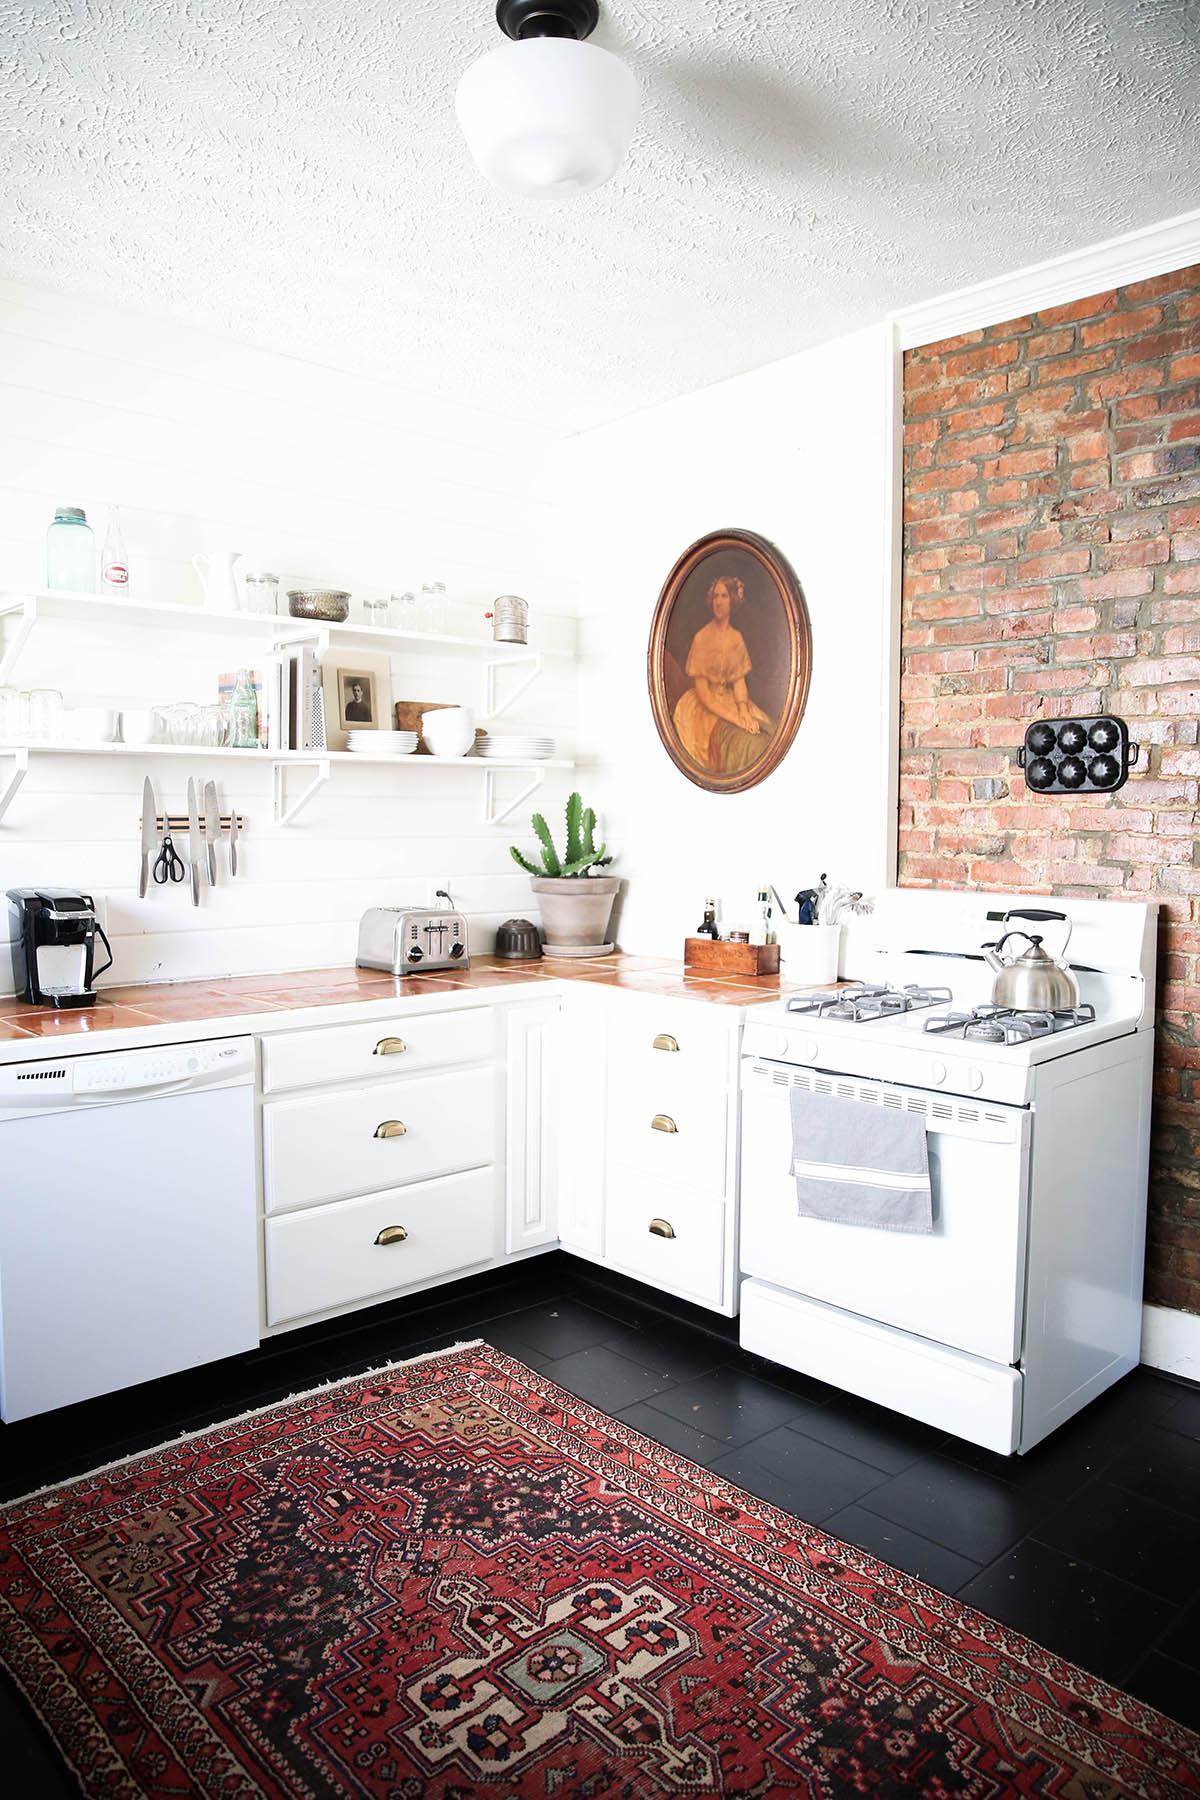 Zwarte vloer welke kleur meubels tg wonen woonmagazine - Welke kleur in een keuken ...